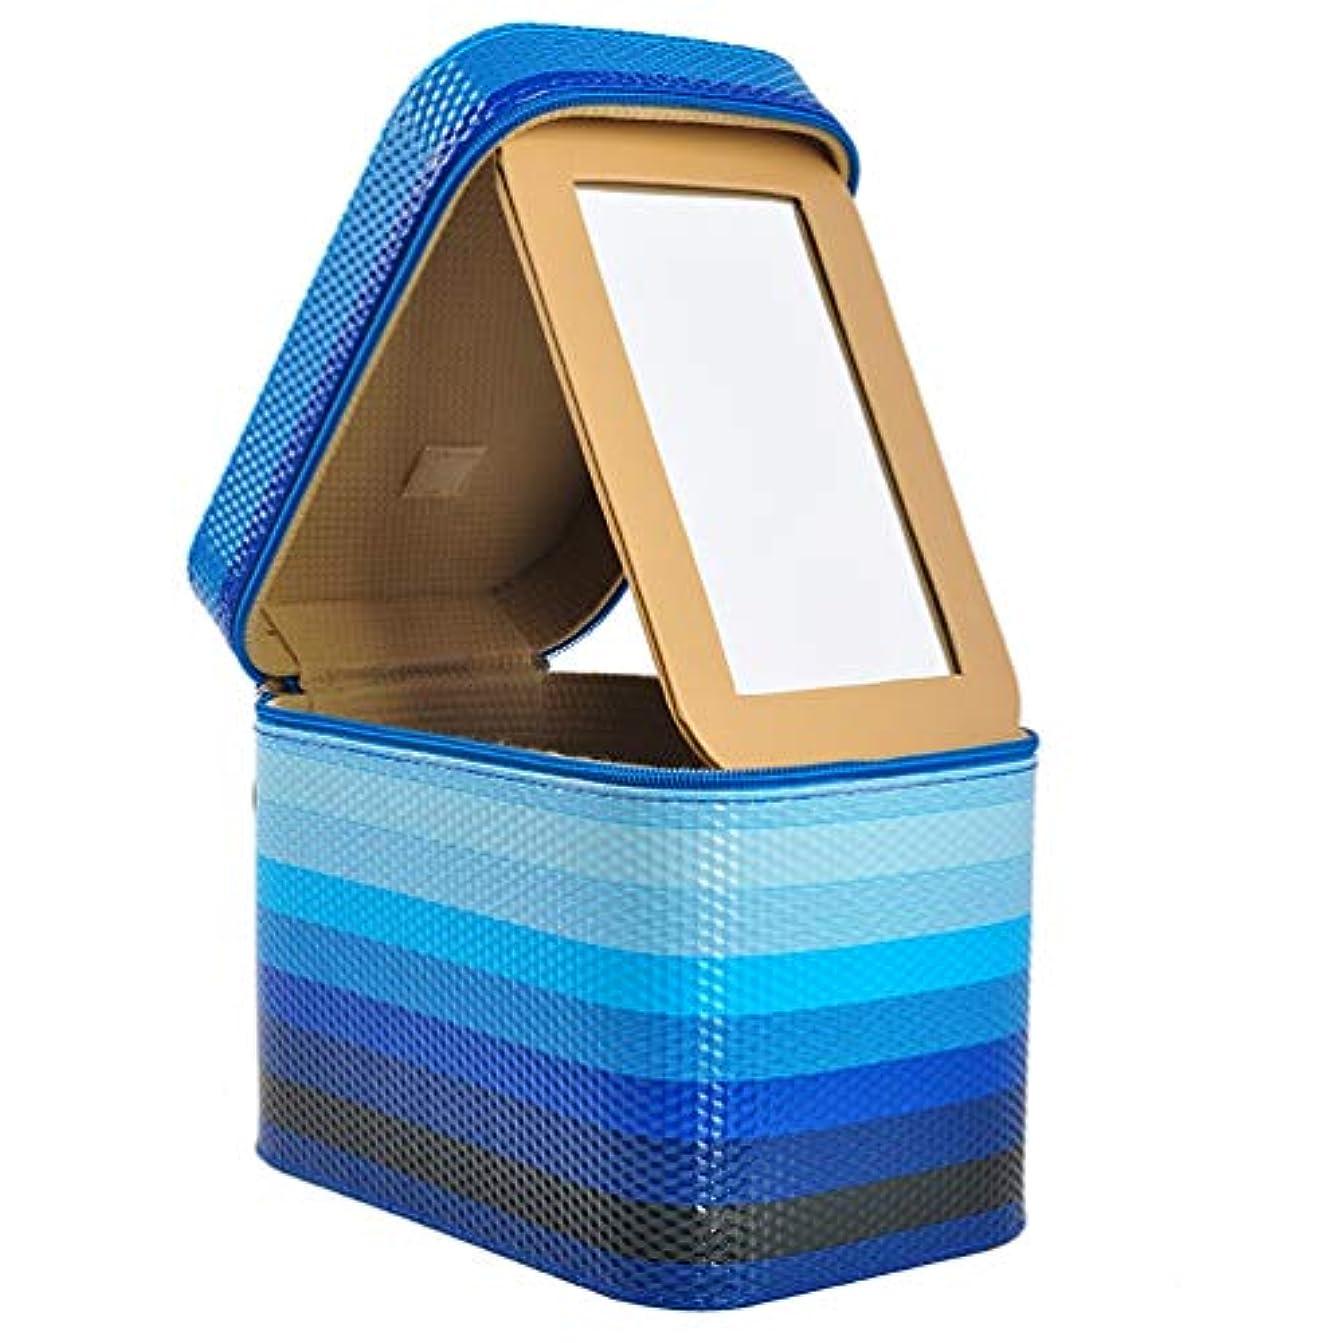 染色暖かさ独立した[カタク]メイクボックス コスメボックス 大容量 鏡付き 化粧ボックス おしゃれ 取っ手付 携帯便利 化粧道具 メイクブラシ 小物 出張 旅行 機能的 PUレザー プロ仕様 きらきら 化粧ポーチ コスメBOX